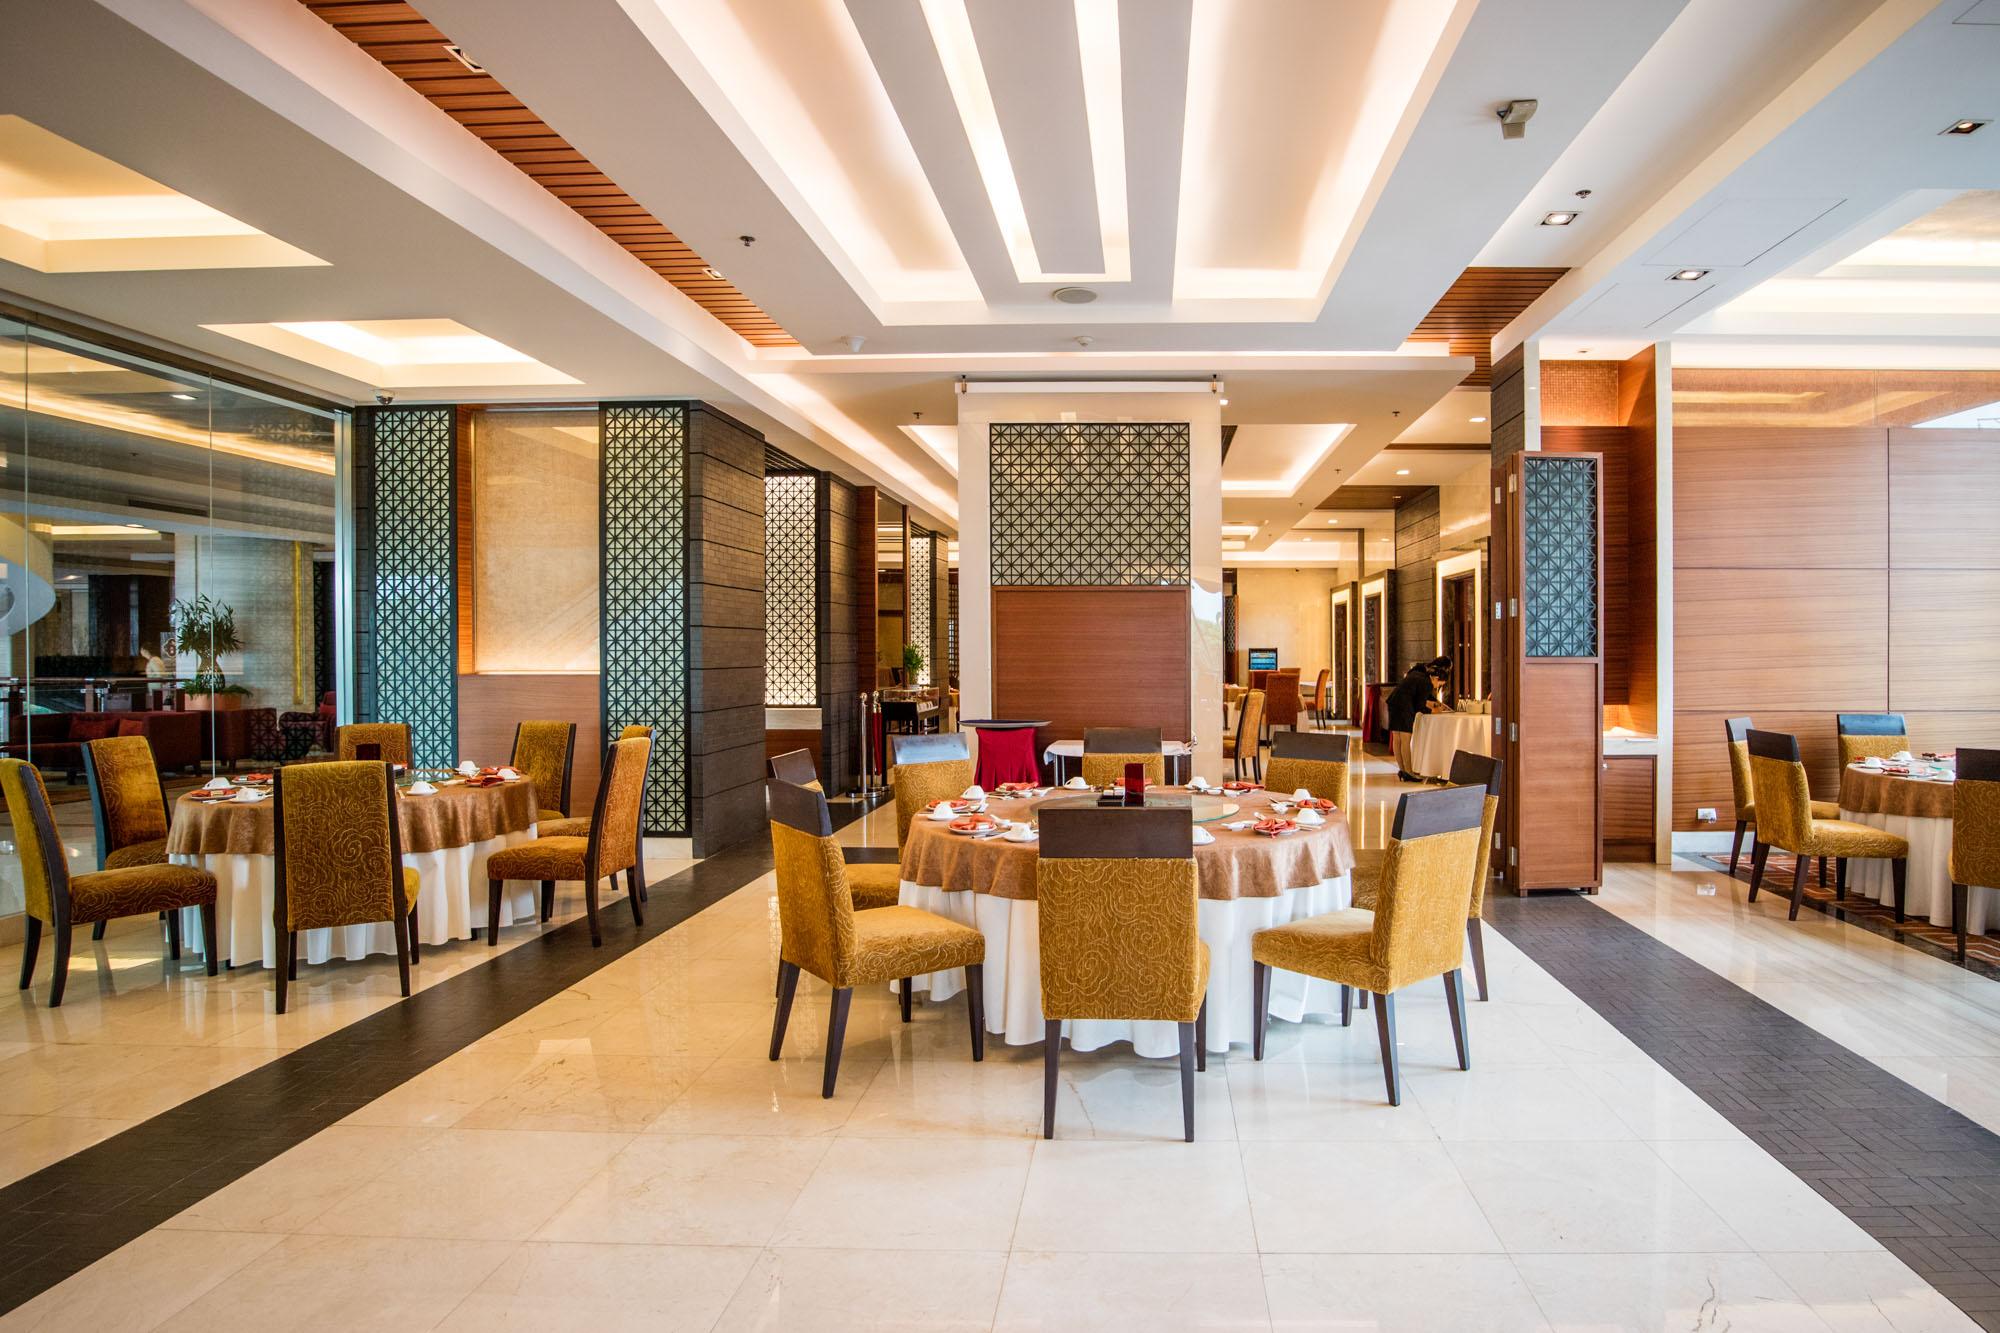 ห้องอาหารจีนหยู เห้อ สไตล์ฮ่องกง คุณภาพฮ่องเต้  ห้องอาหารจีนหยู เห้อ สไตล์ฮ่องกง คุณภาพฮ่องเต้ IMG 0005 1